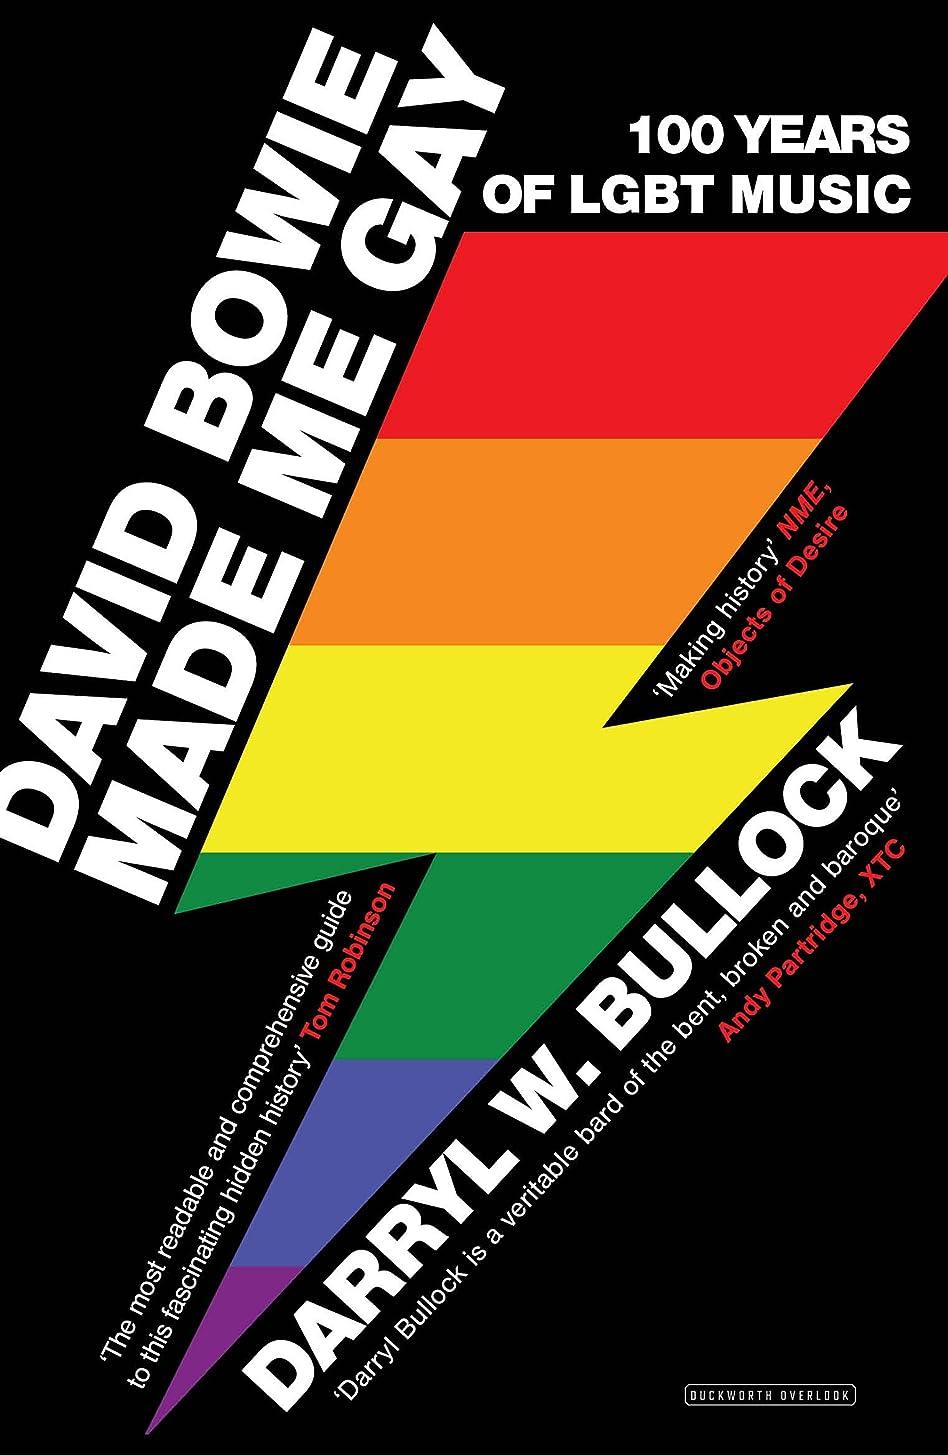 不良品いらいらする枢機卿David Bowie Made Me Gay: 100 Years of LGBT Music (English Edition)